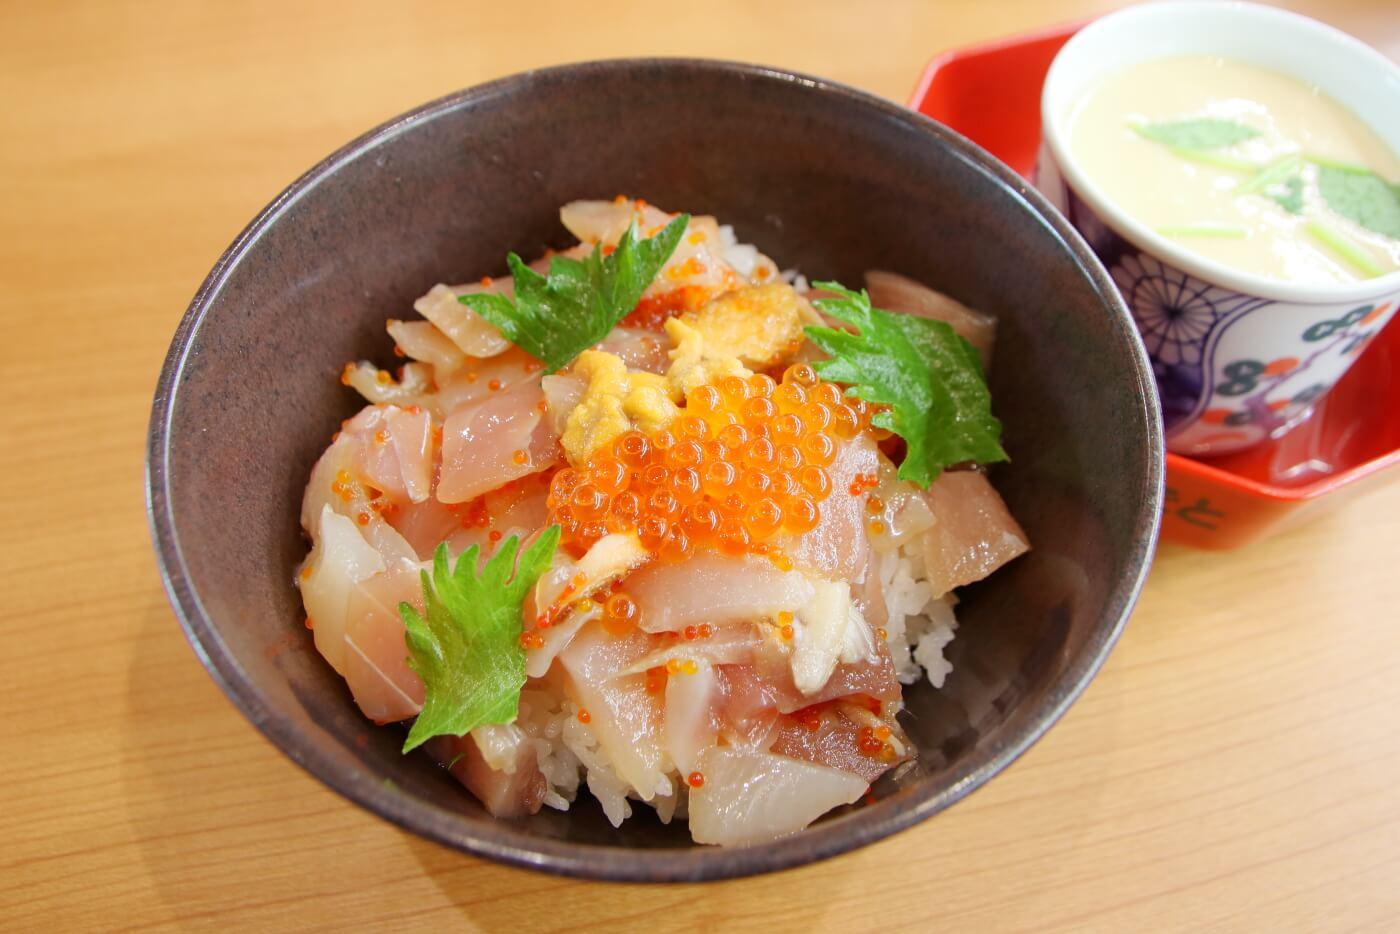 寿司 500 円 ランチ くら